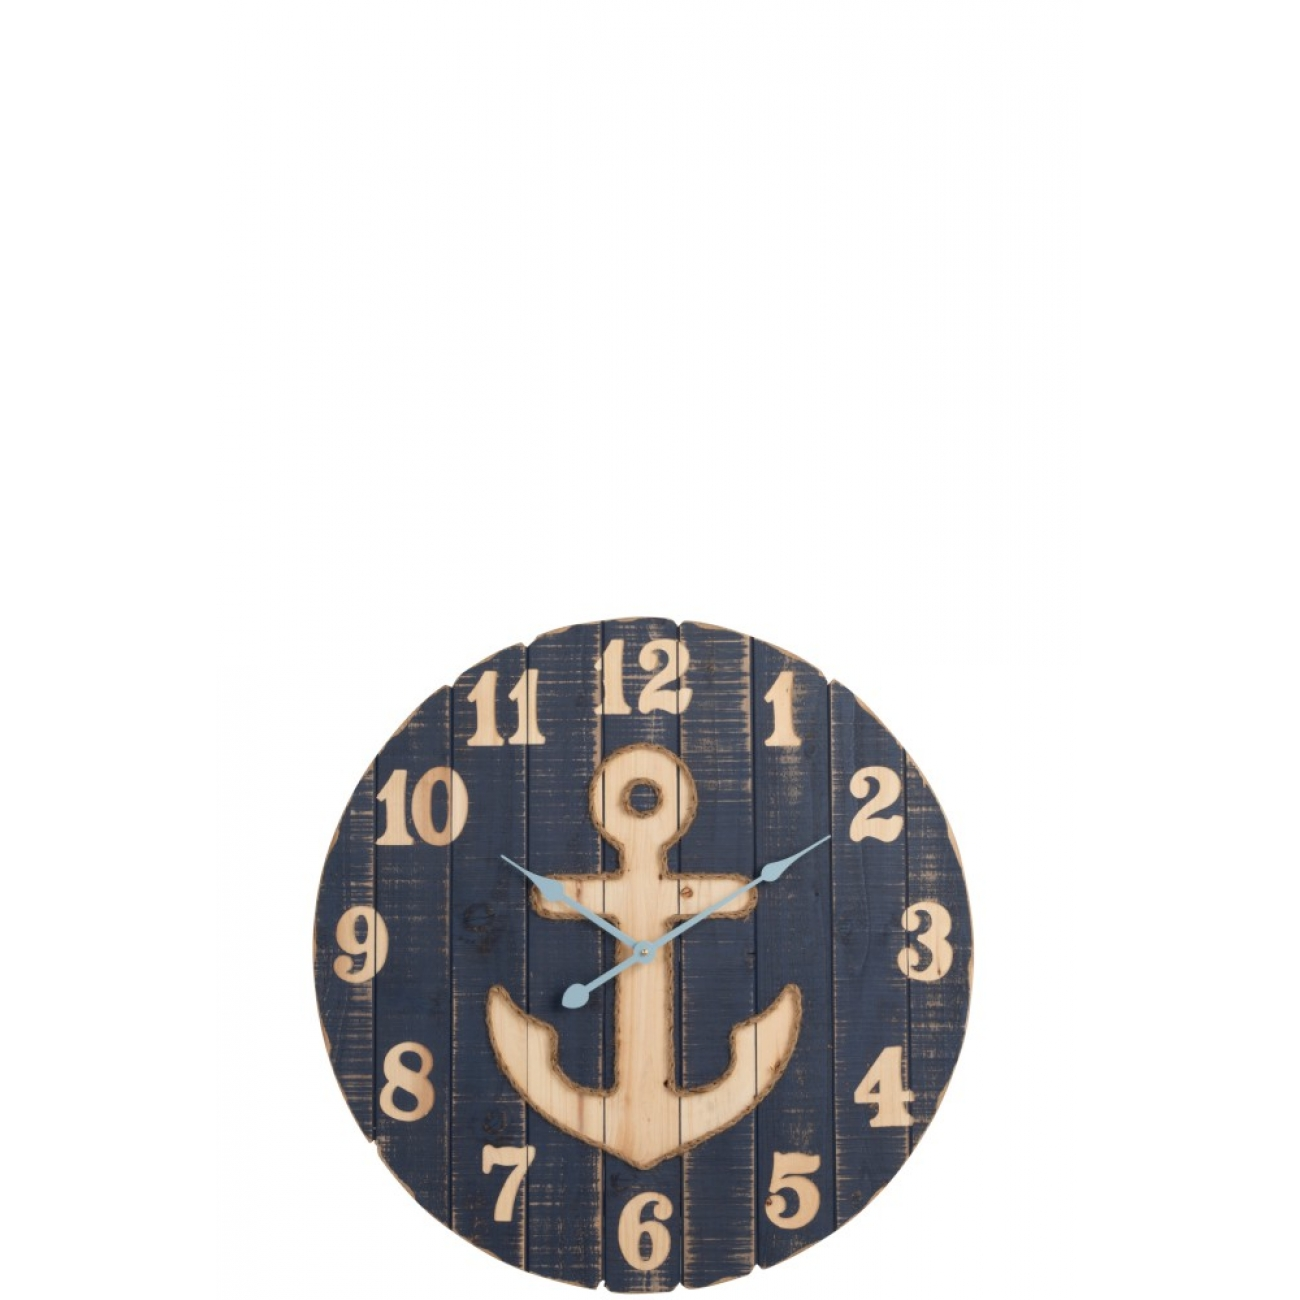 Настенные часы J-LINE круглые синие в деревянном корпусе с якорем морская тематика диаметр 70 см